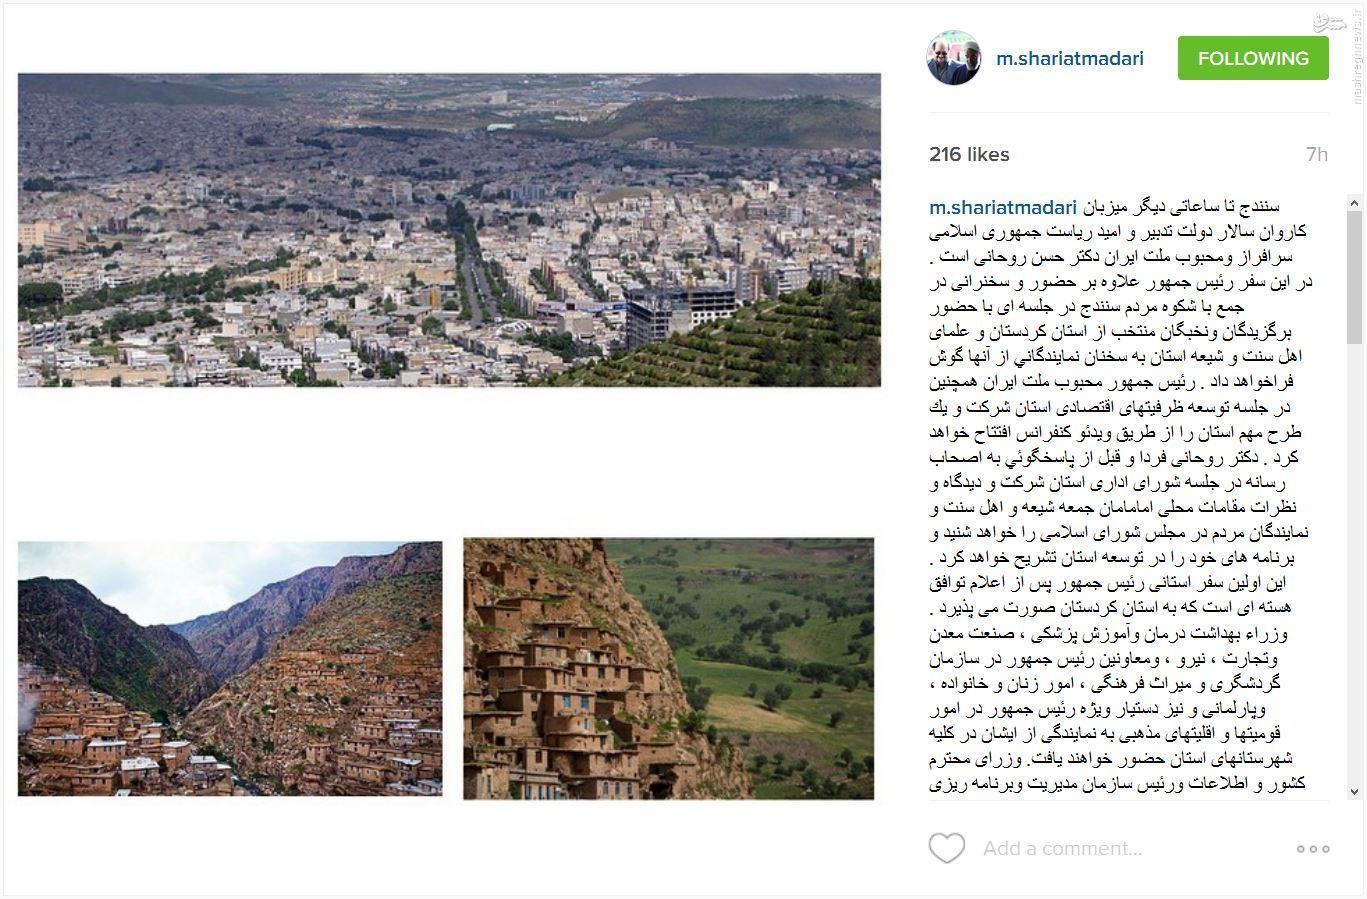 تشریح سفر دولت به کردستان در اینستاگرام شریعتمداری